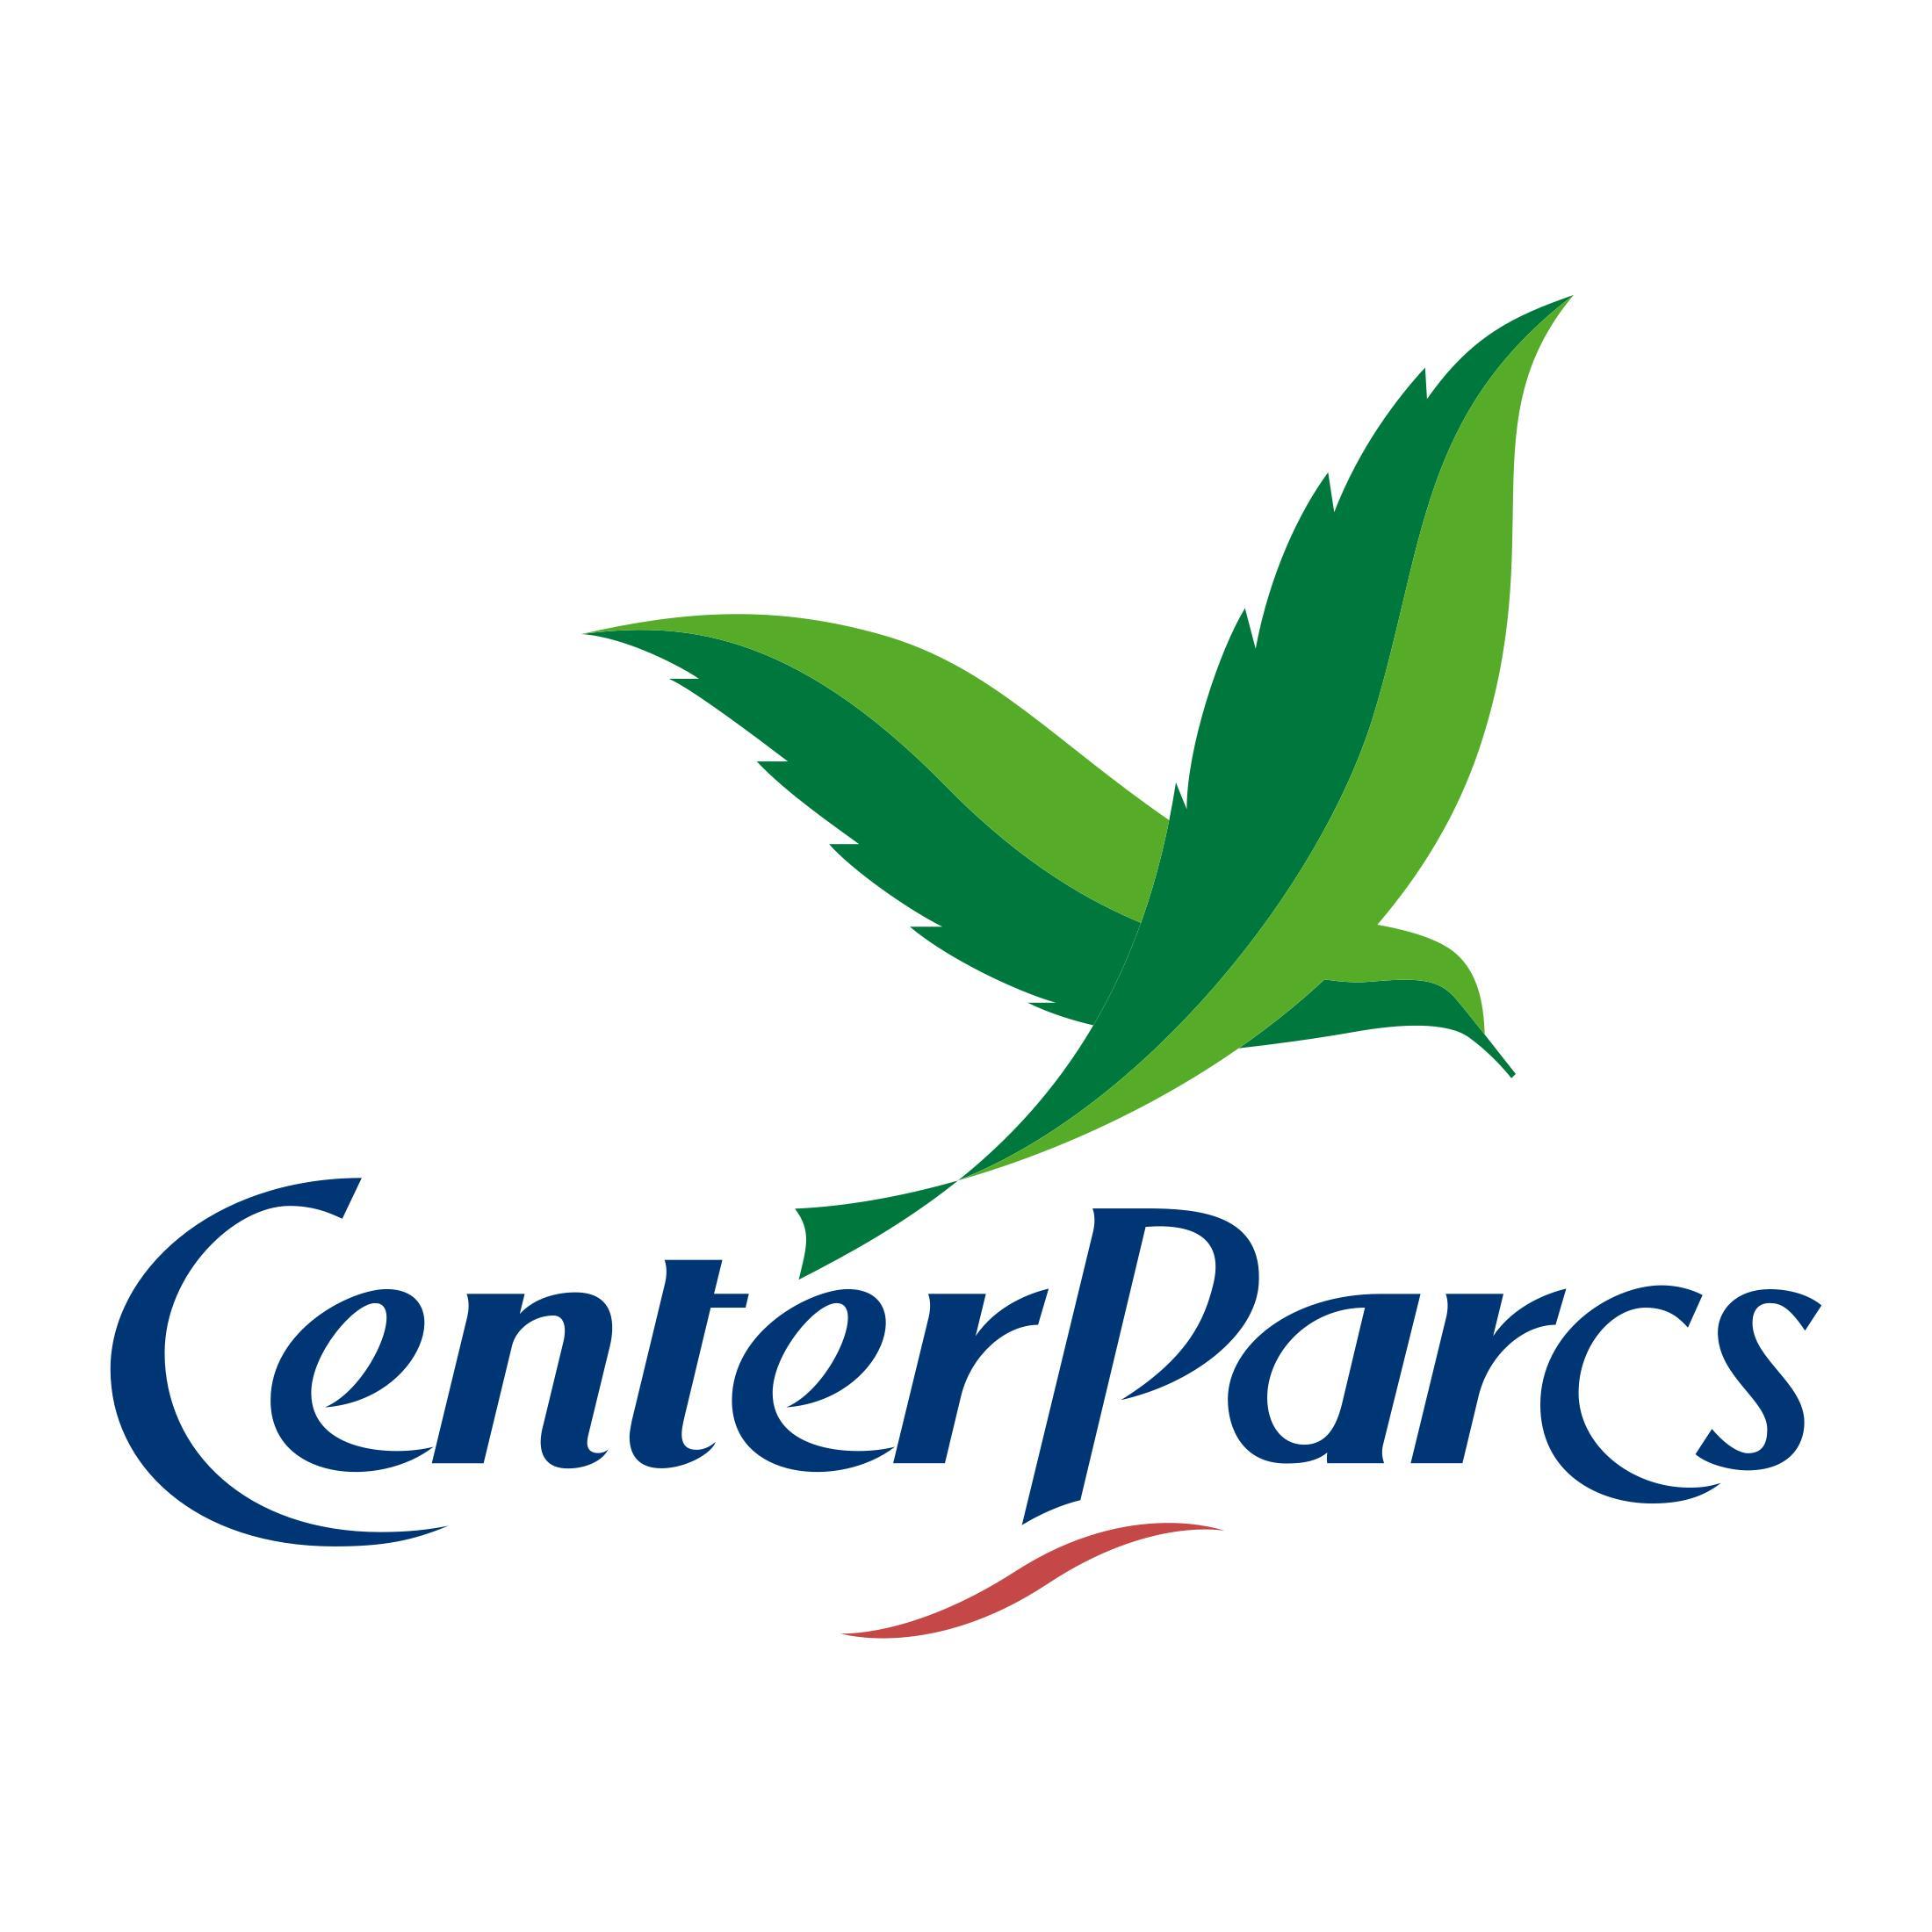 Séjour 8 Nuits au Center Parcs Trois forêts du 26 mars au 3 Avril en Cottage Exécutive - 6 Personnes